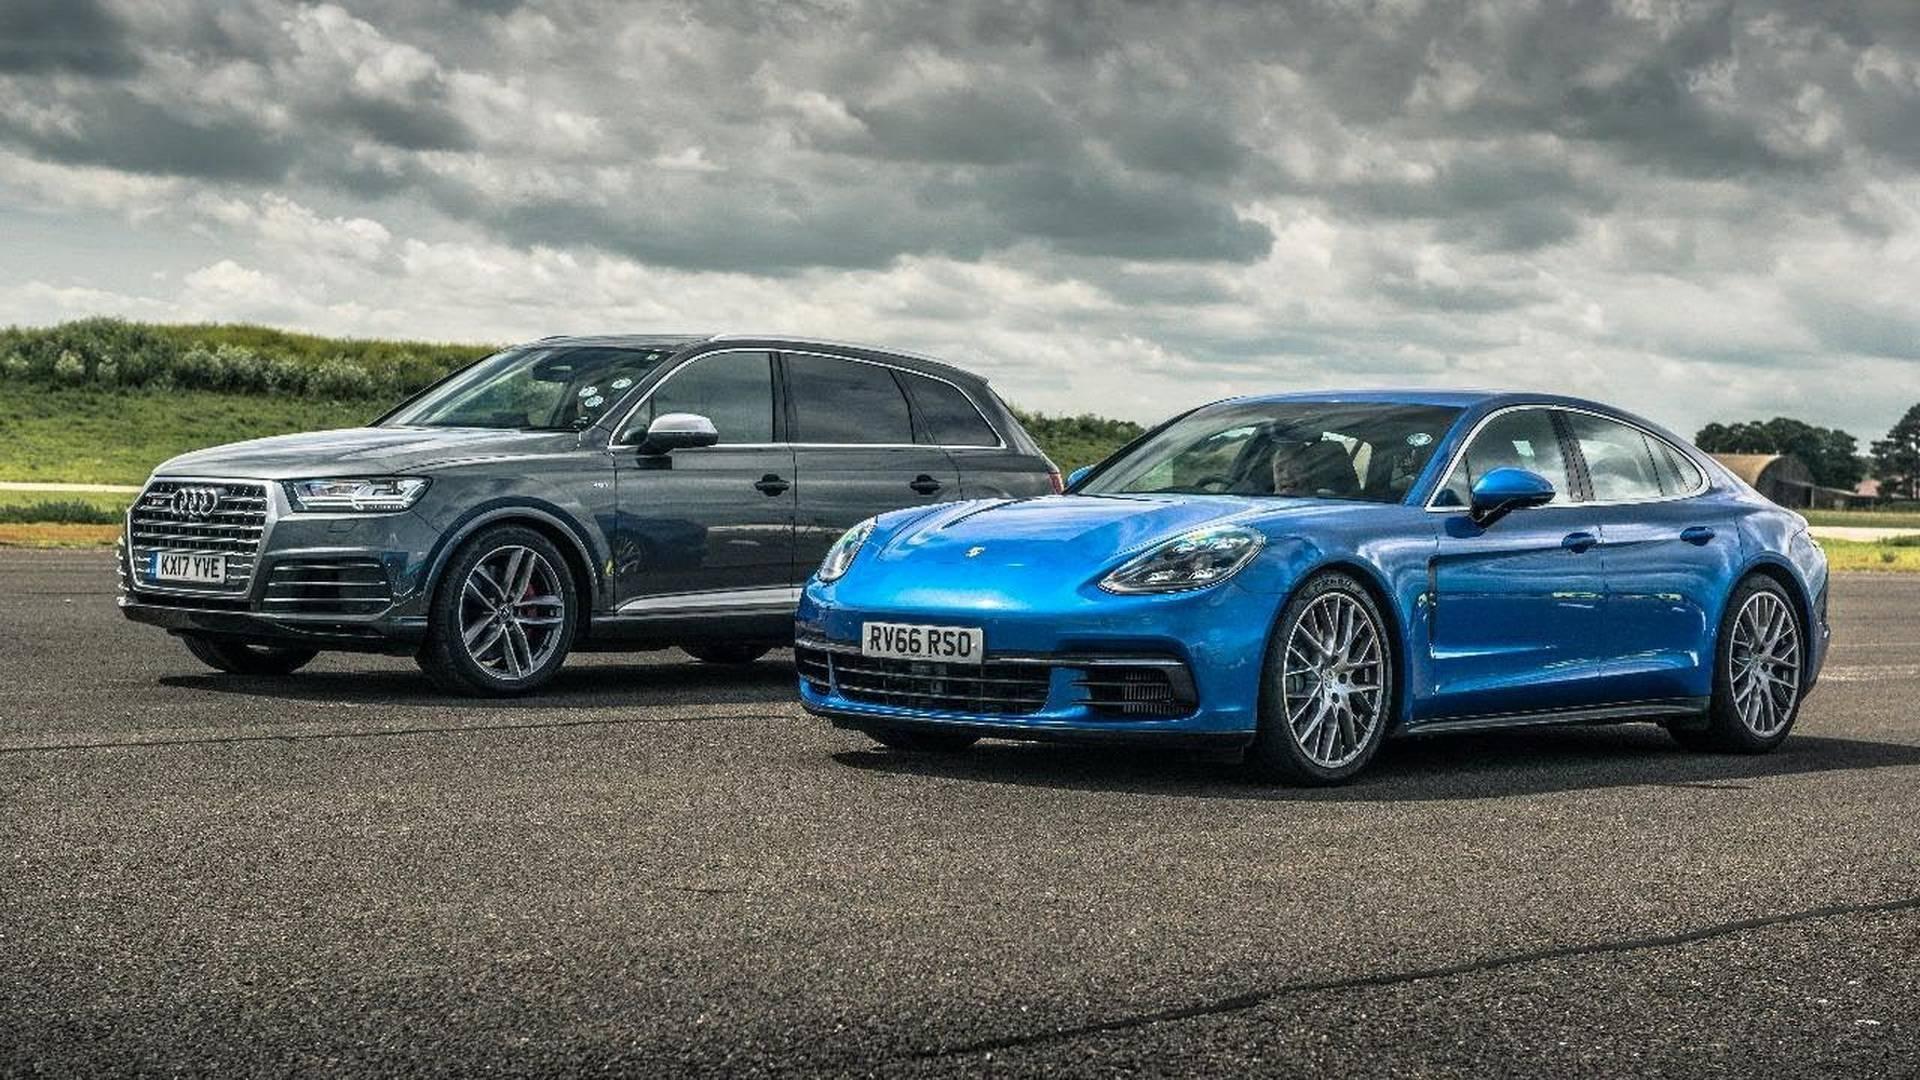 Diesel Duel Audi Sq7 Versus Porsche Panamera 4s In Drag Race